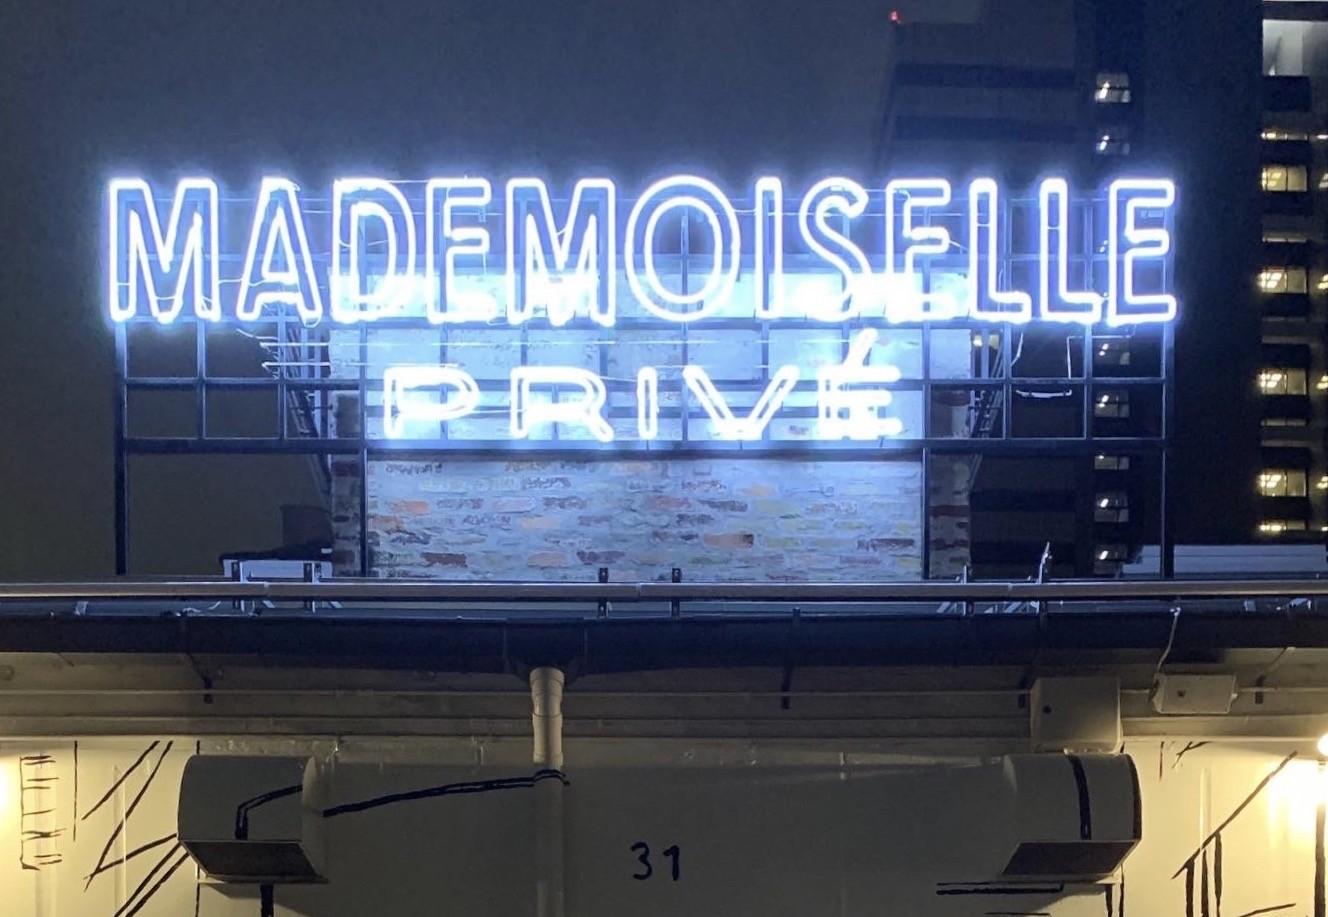 CHANEL「マドモアゼル プリヴェ展」レポート〜ガブリエル・シャネルの世界へ〜